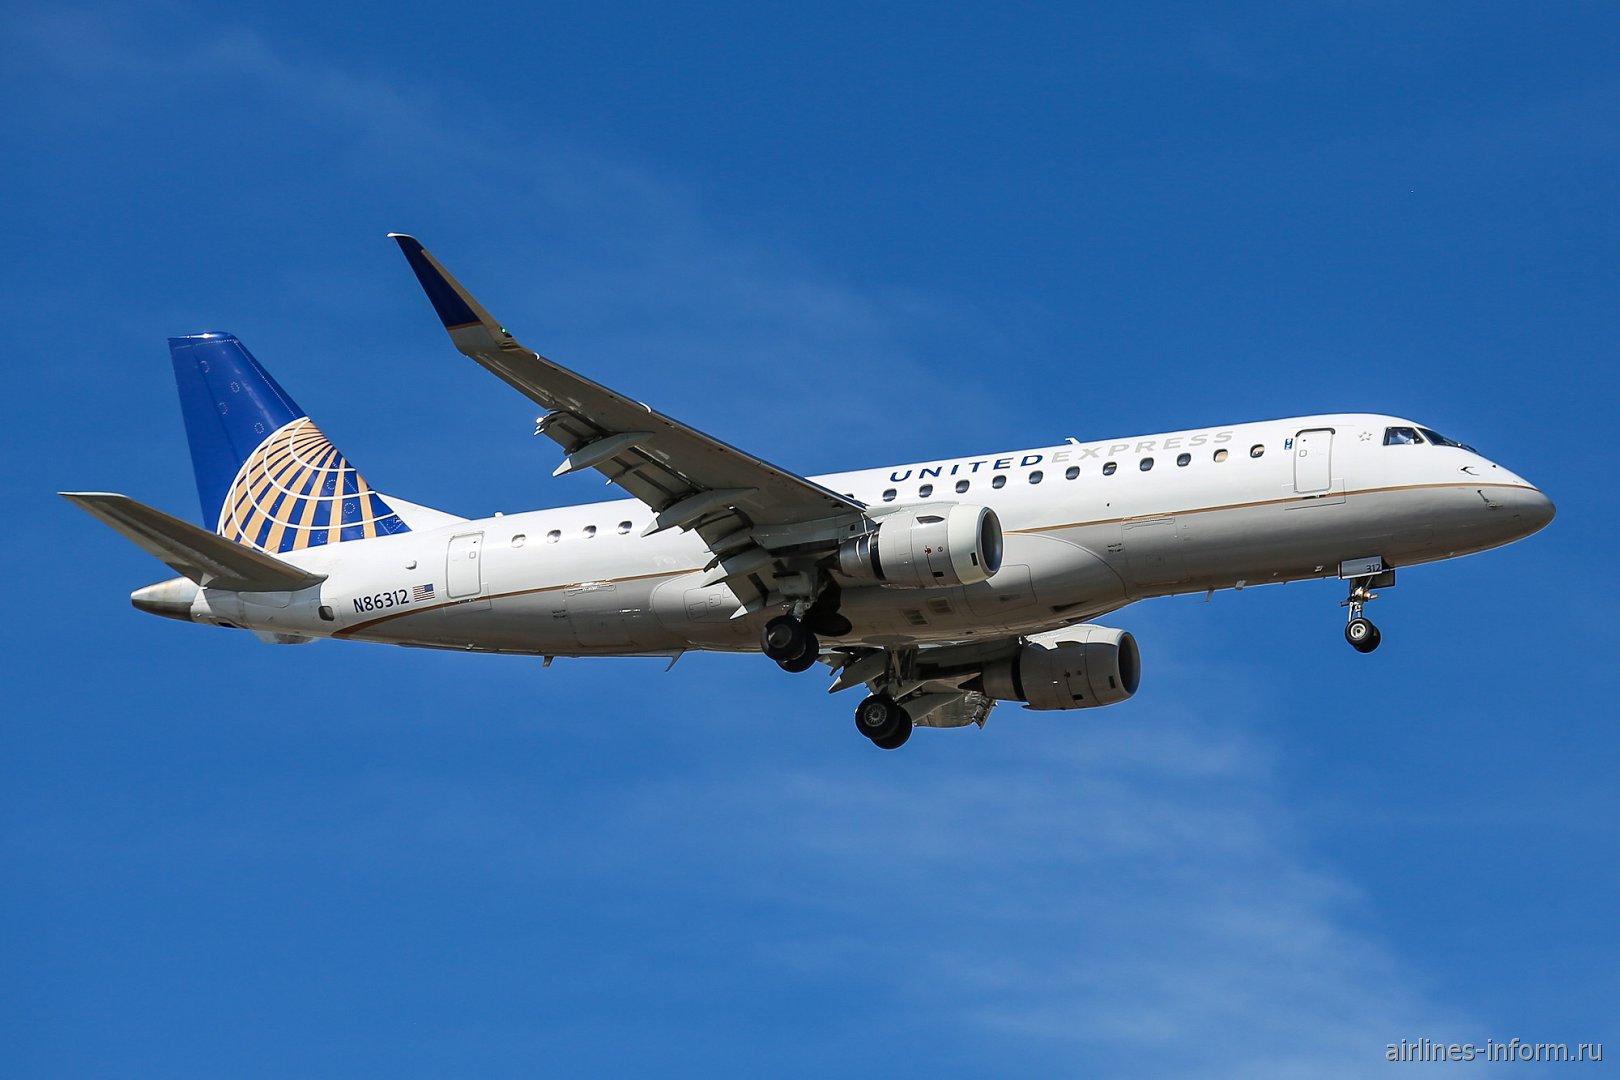 Embraer 175LR номер N86312 авиакомпании Mesa Airlines